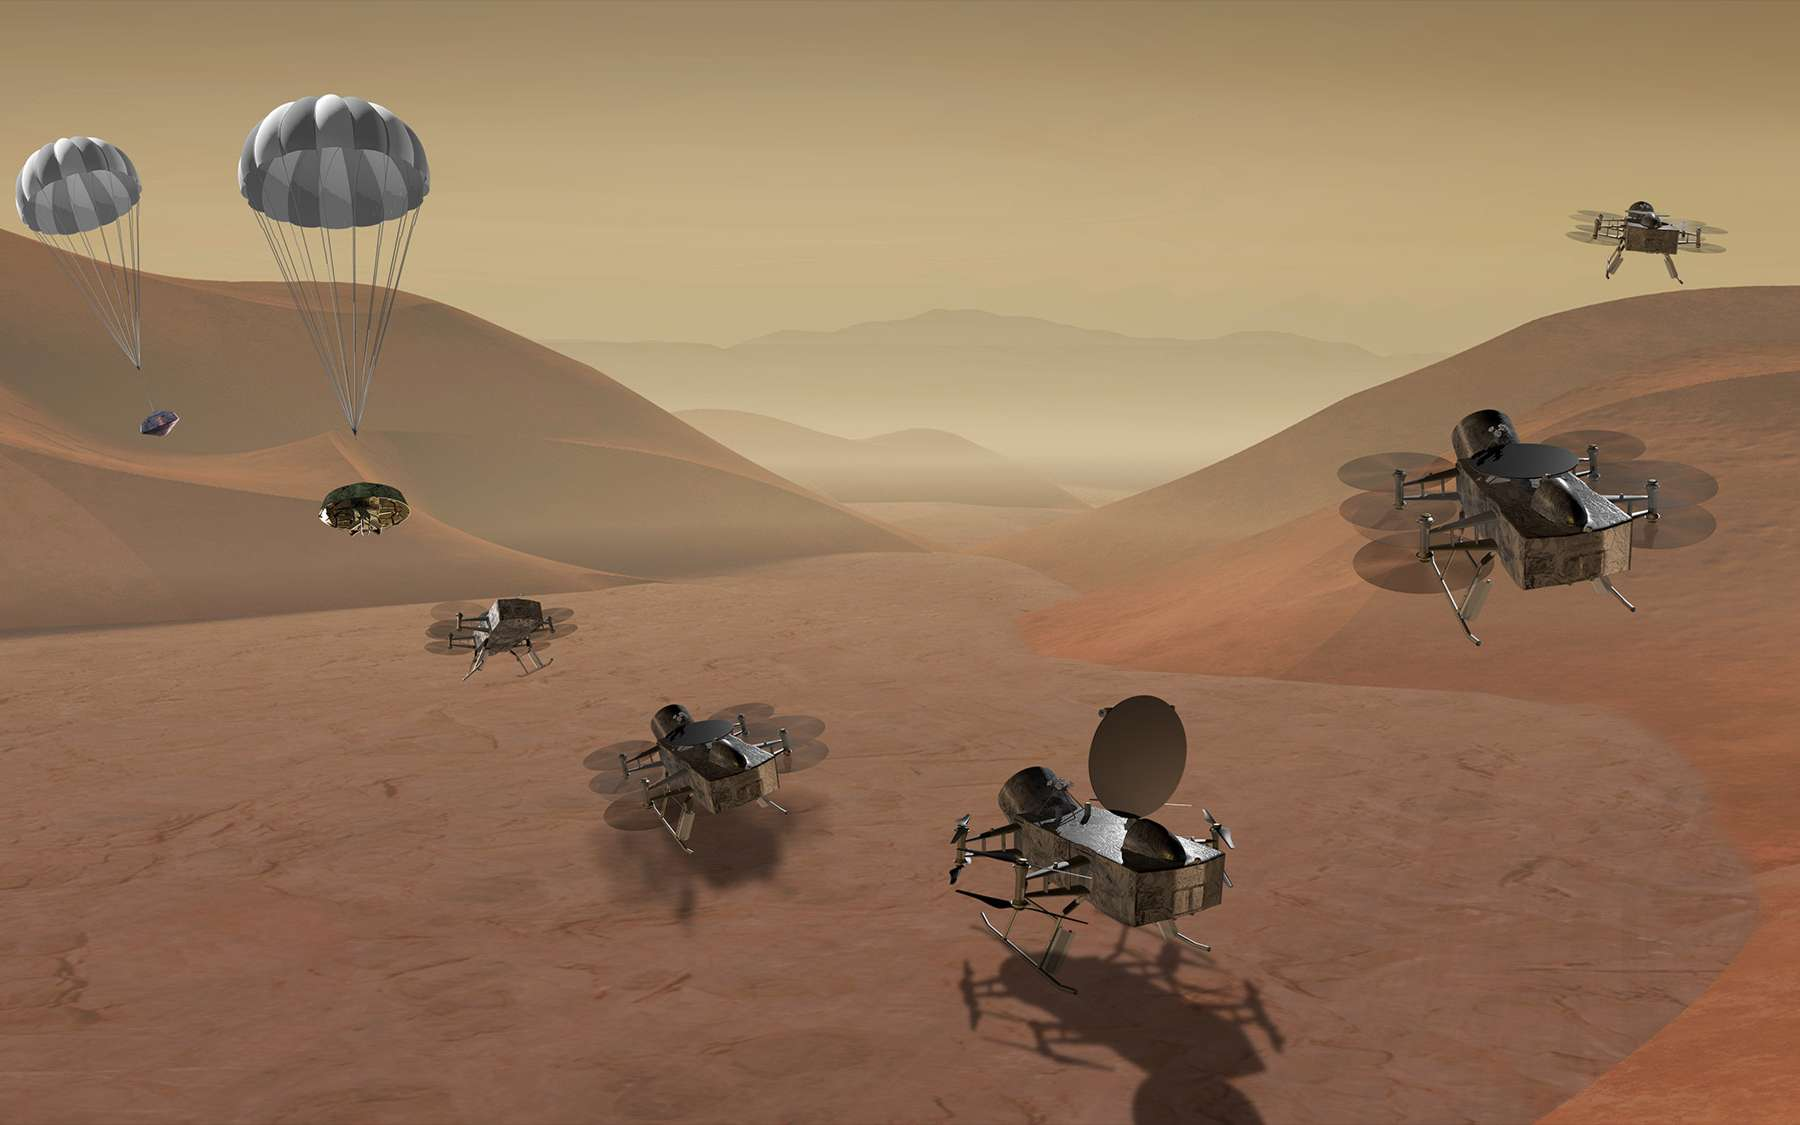 Une vue artistique de ce que pourrait être le Dragon Fly, un engin volant conçu pour se promener sur Titan, la plus grosse lune de Saturne. © Laboratoire de physique appliquée de l'université Johns-Hopkins, Steve Gribben